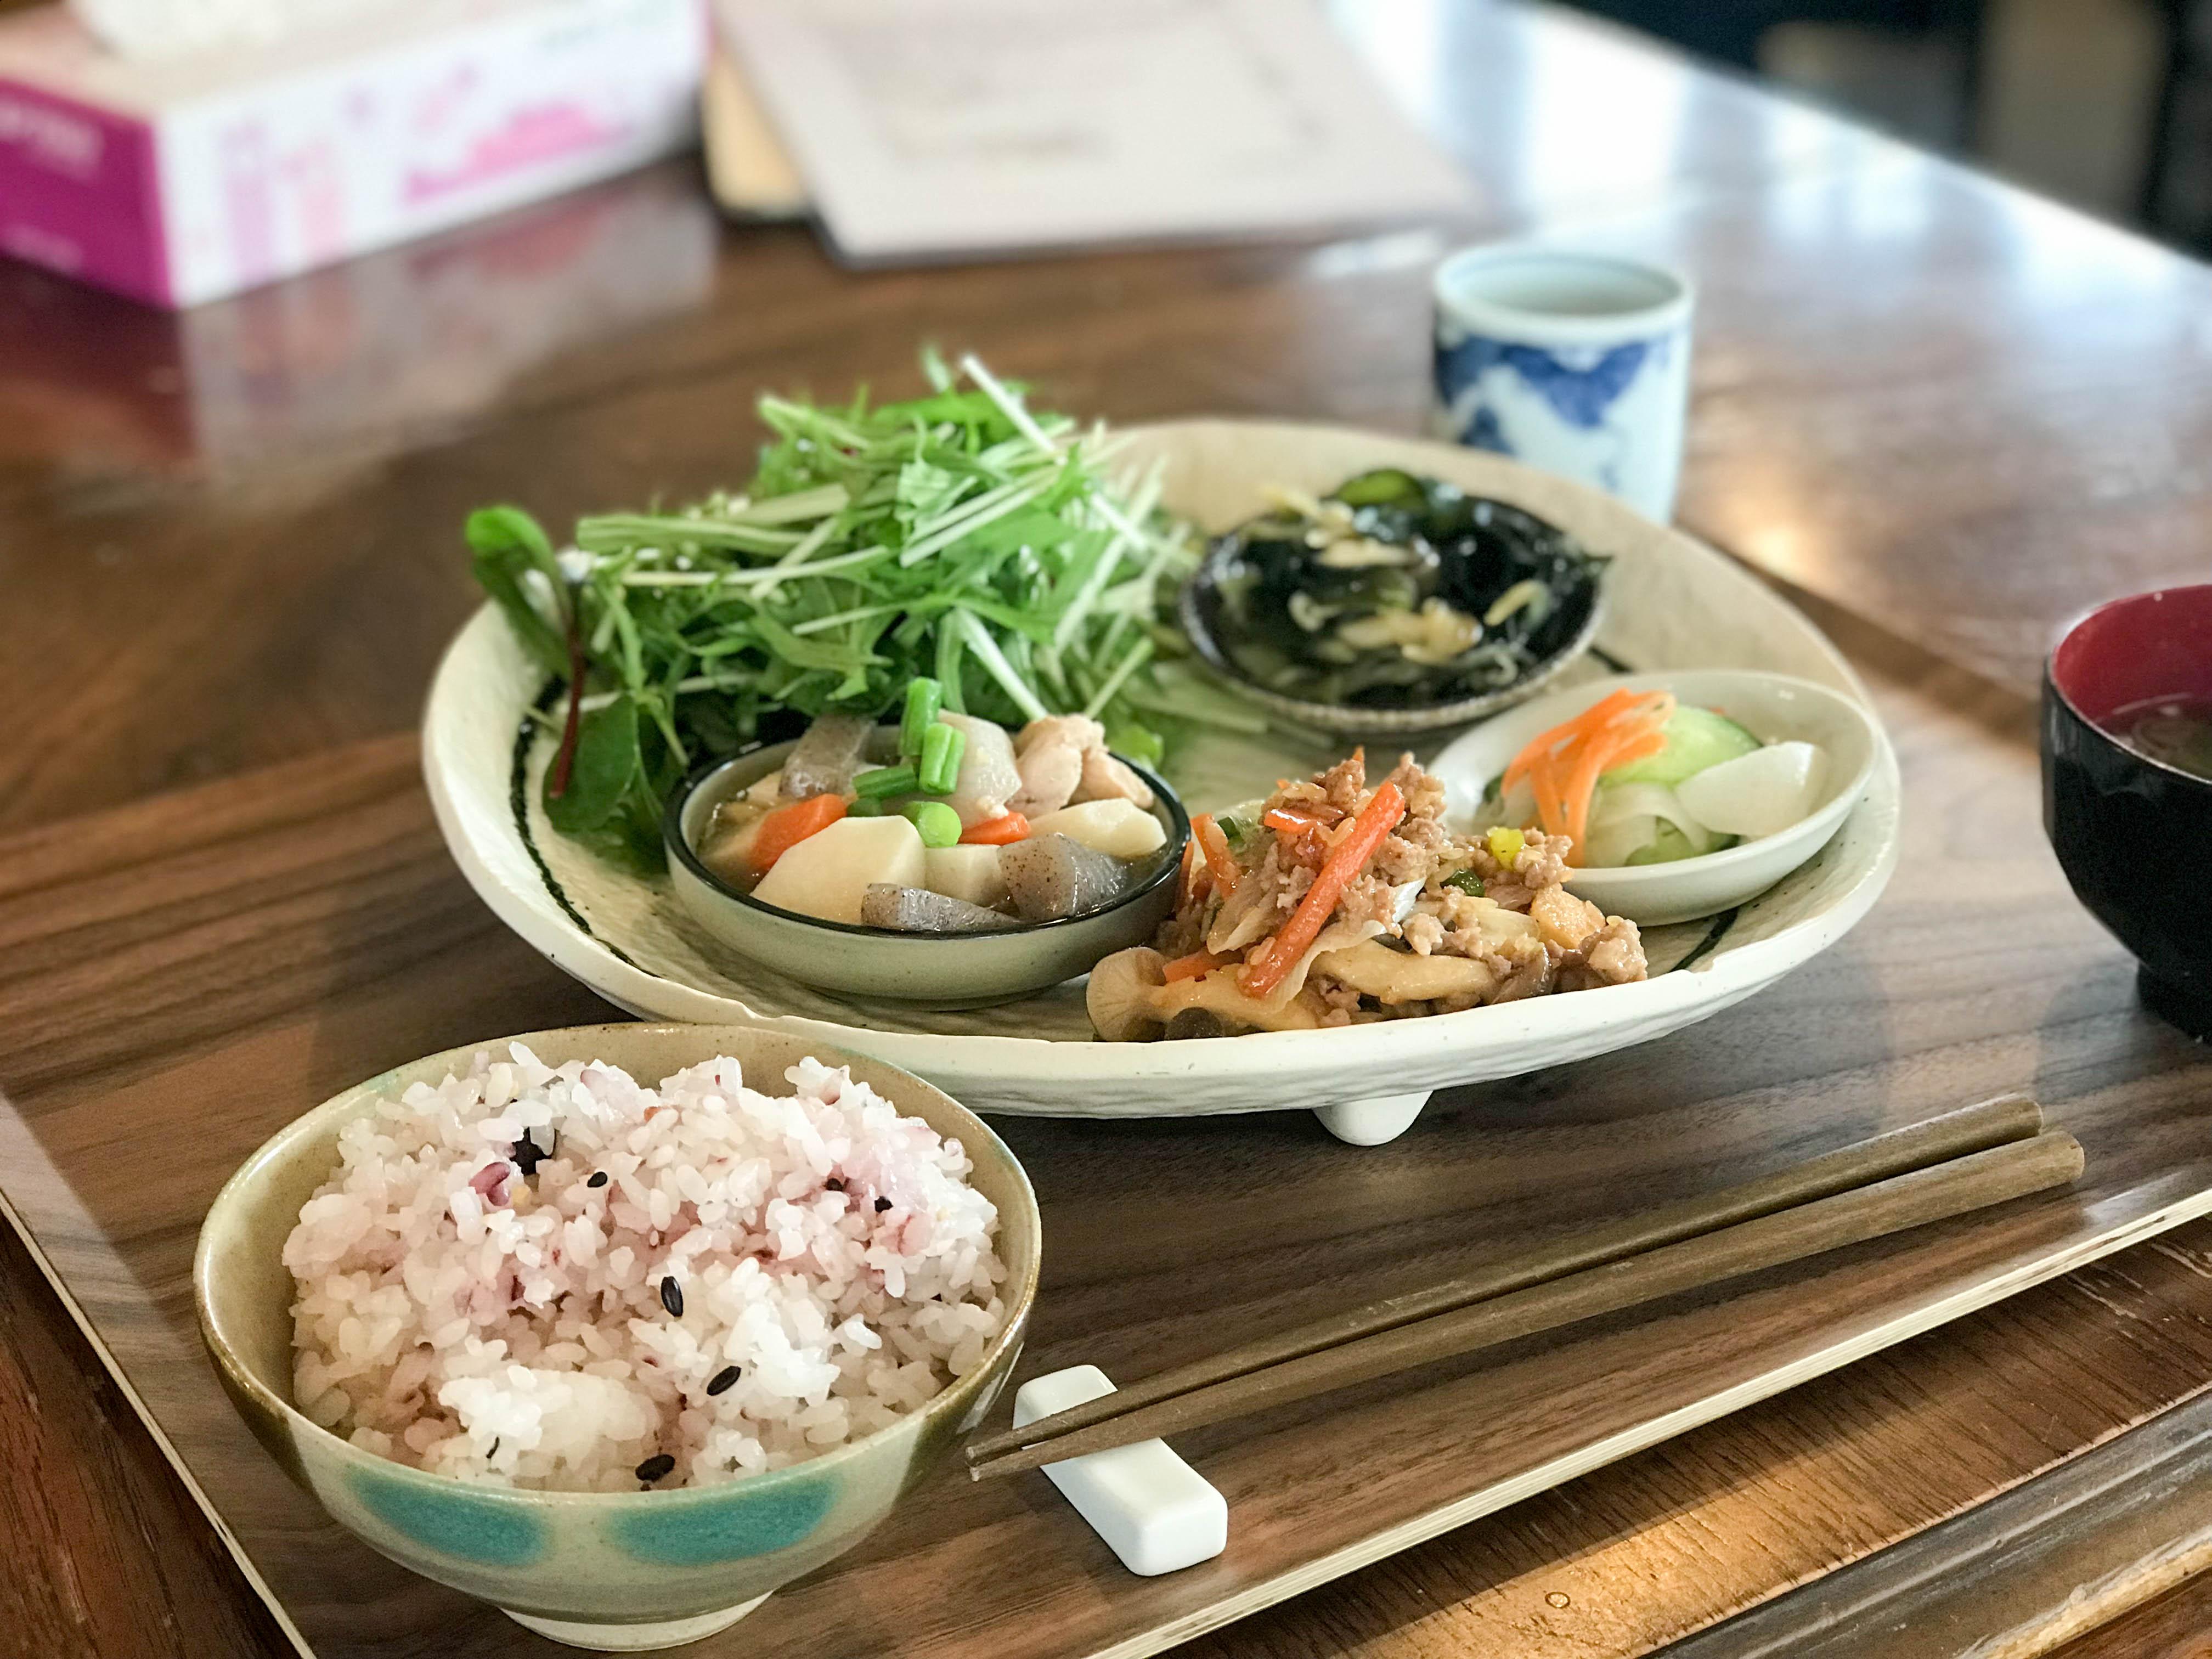 モリスバ・カフェ(新潟市西区坂井東)で10食限定のランチを食す!体に優しいご飯を食べたくなったらココですね!